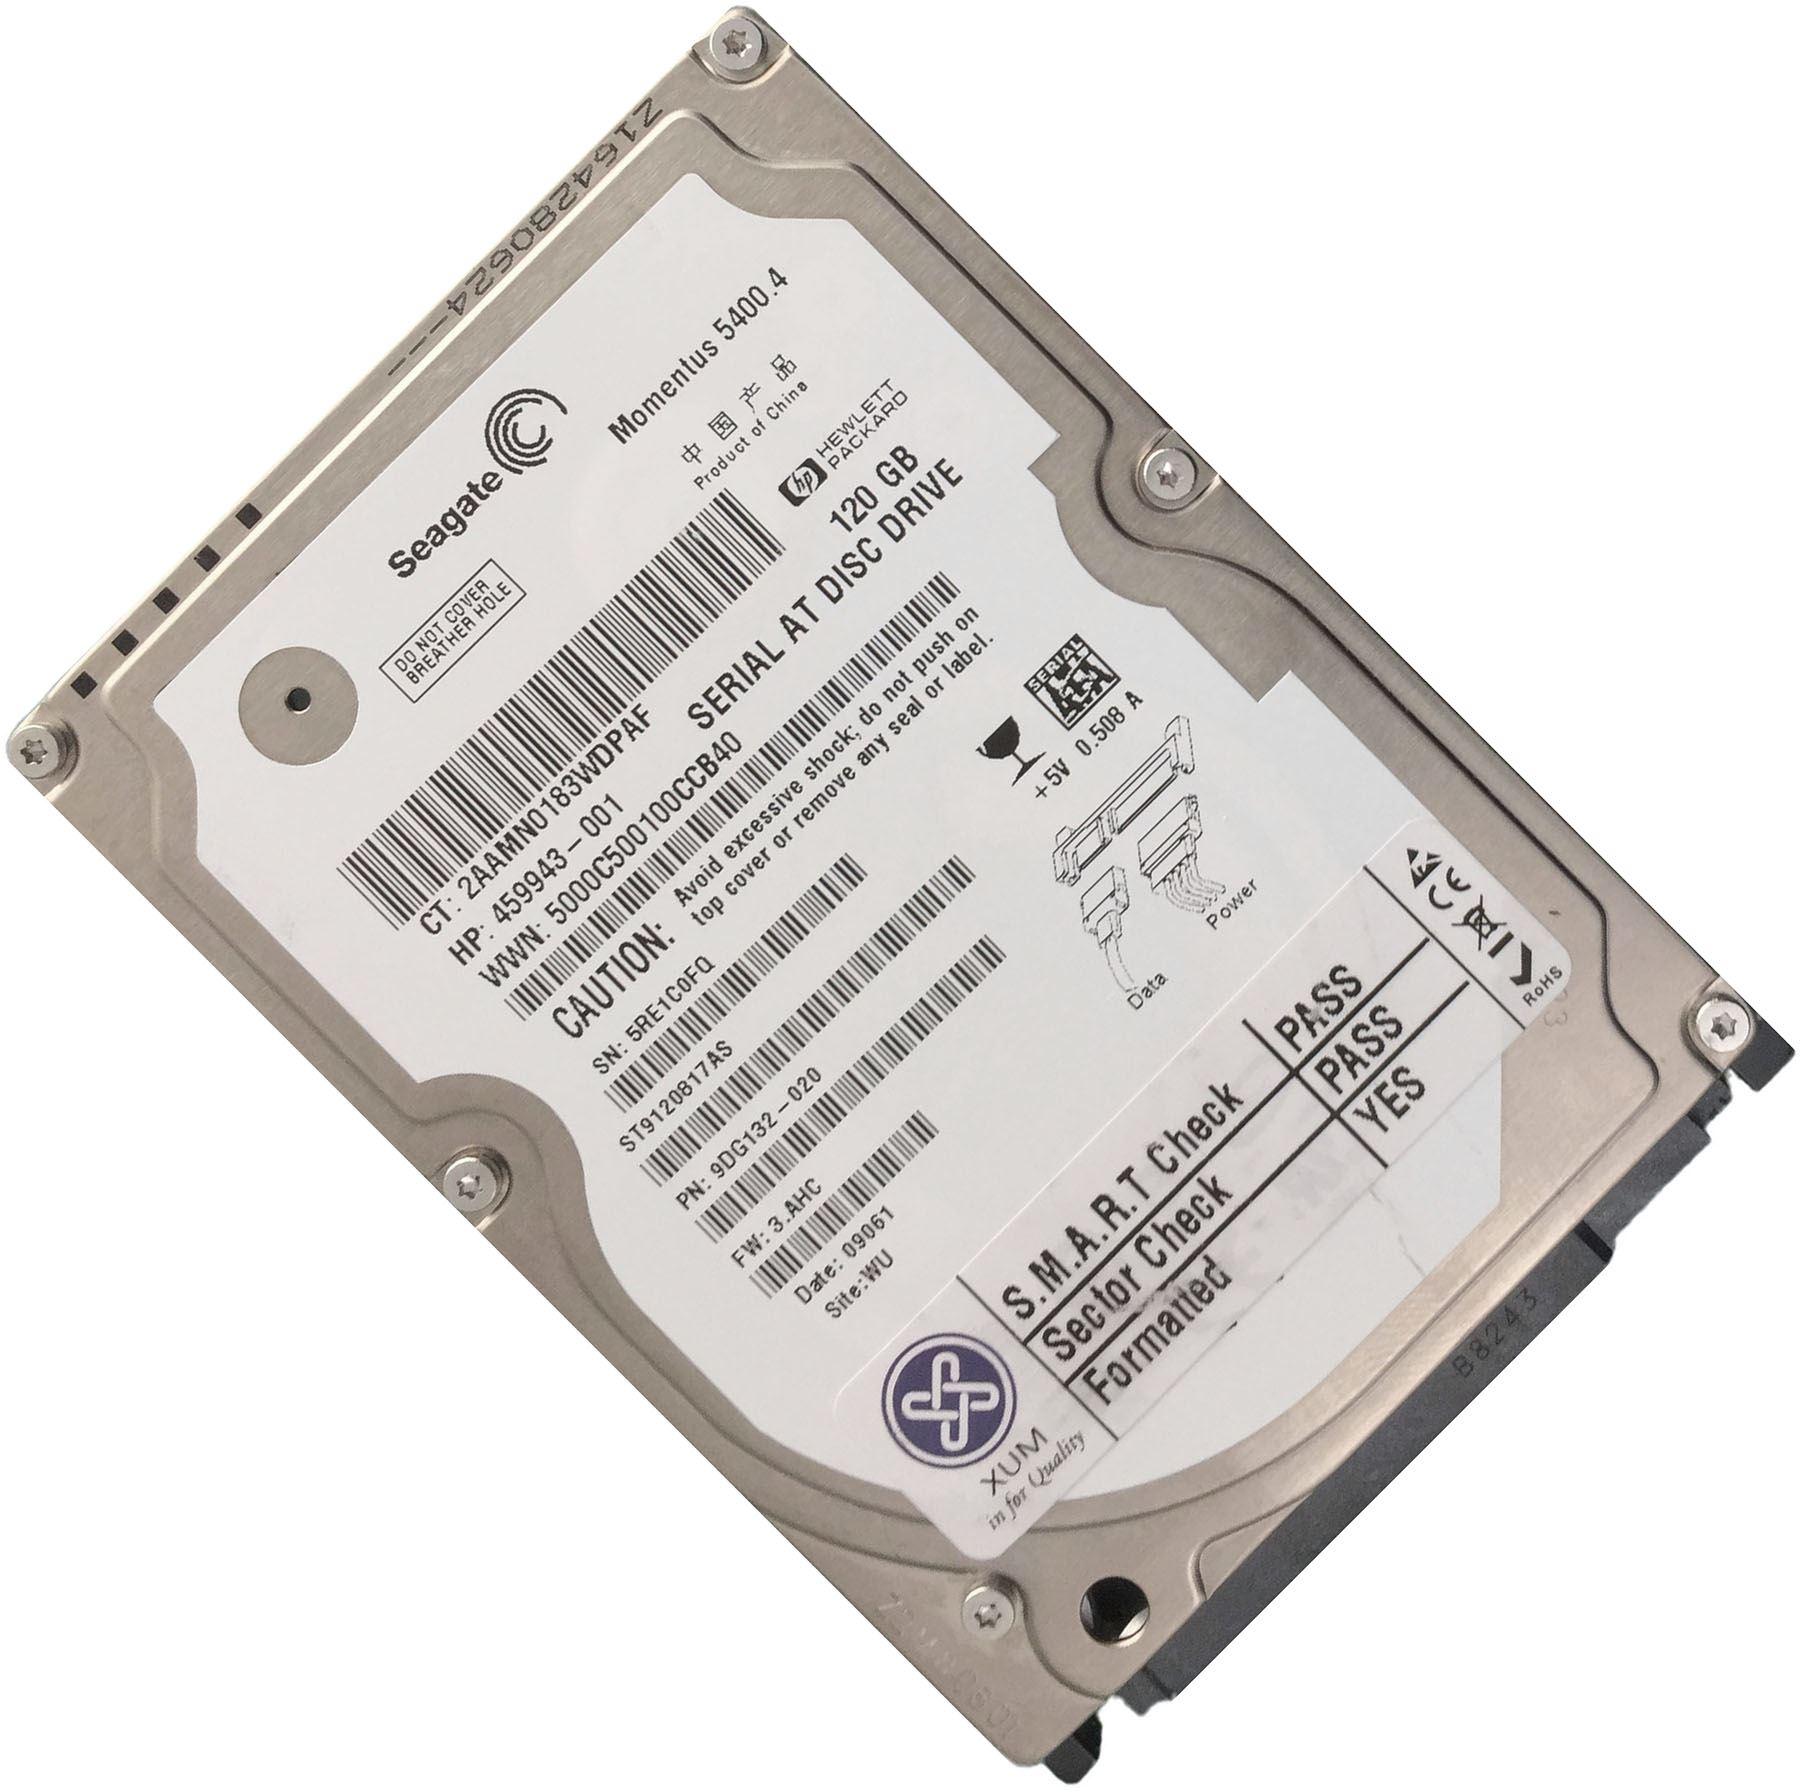 25quot 5400RPM SATA II 3Gbs 8MB Cache Internal Hard Drive